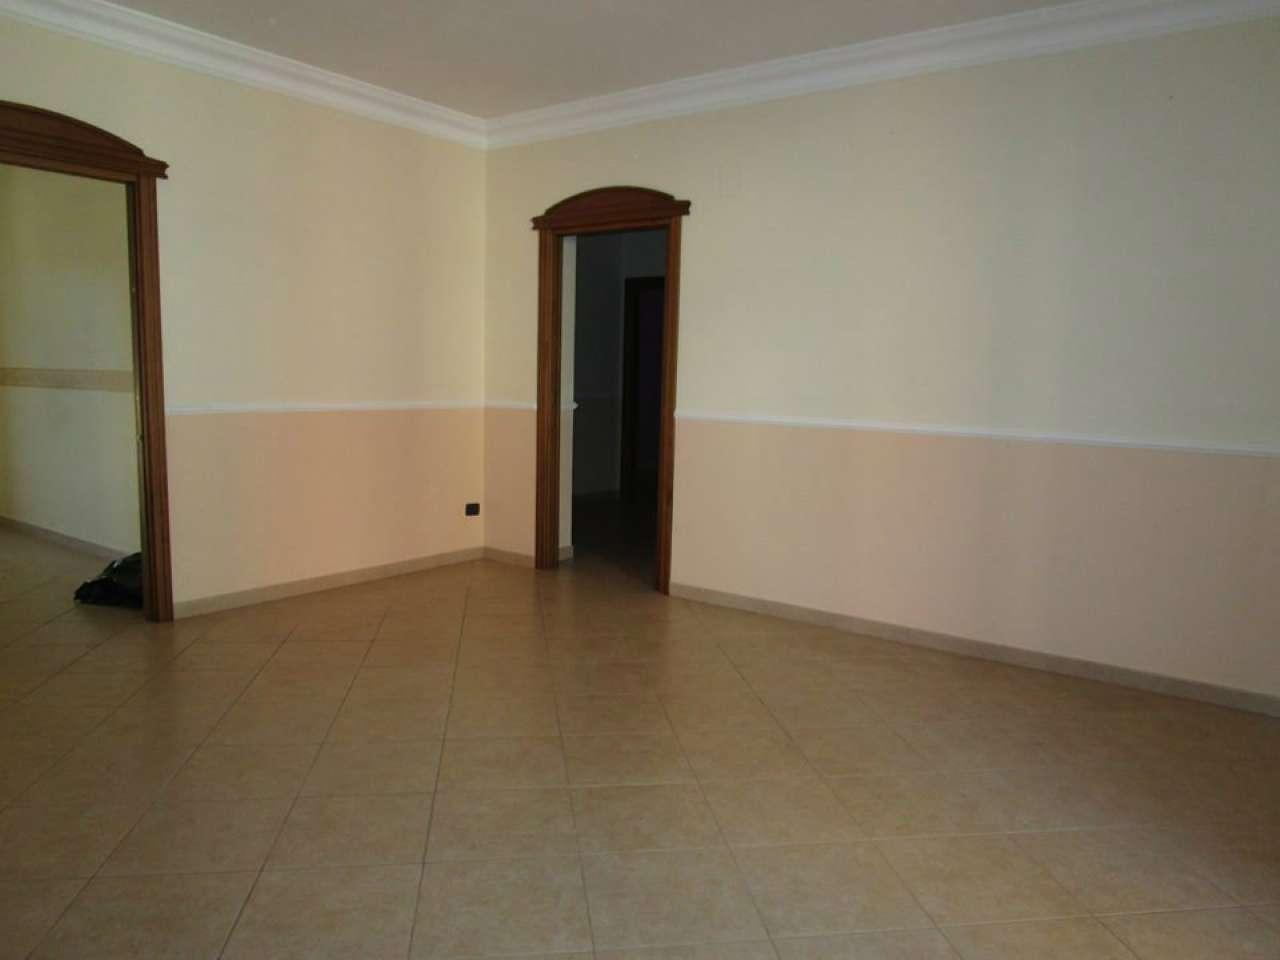 Appartamento in vendita a Massafra, 7 locali, prezzo € 185.000 | CambioCasa.it